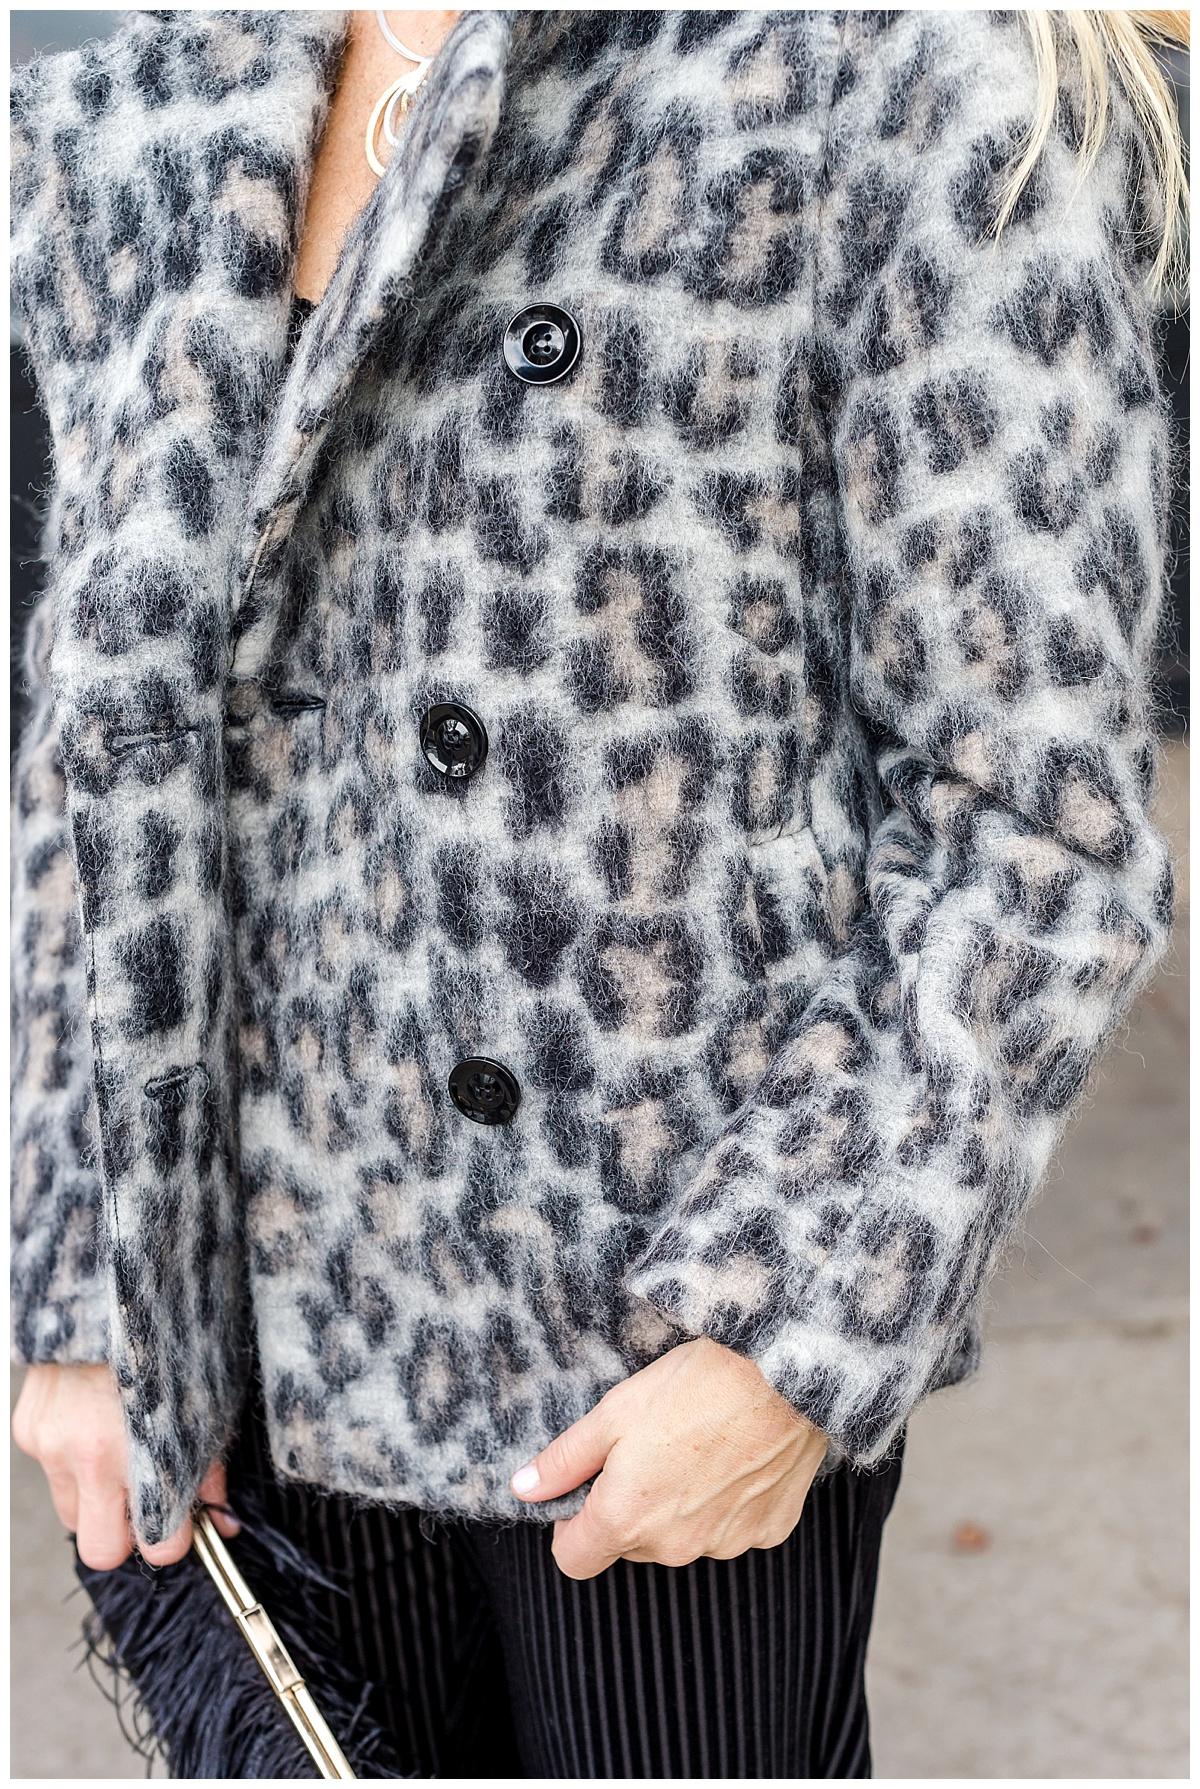 Lauren B jumpsuit and cheetah coat_1669.jpg